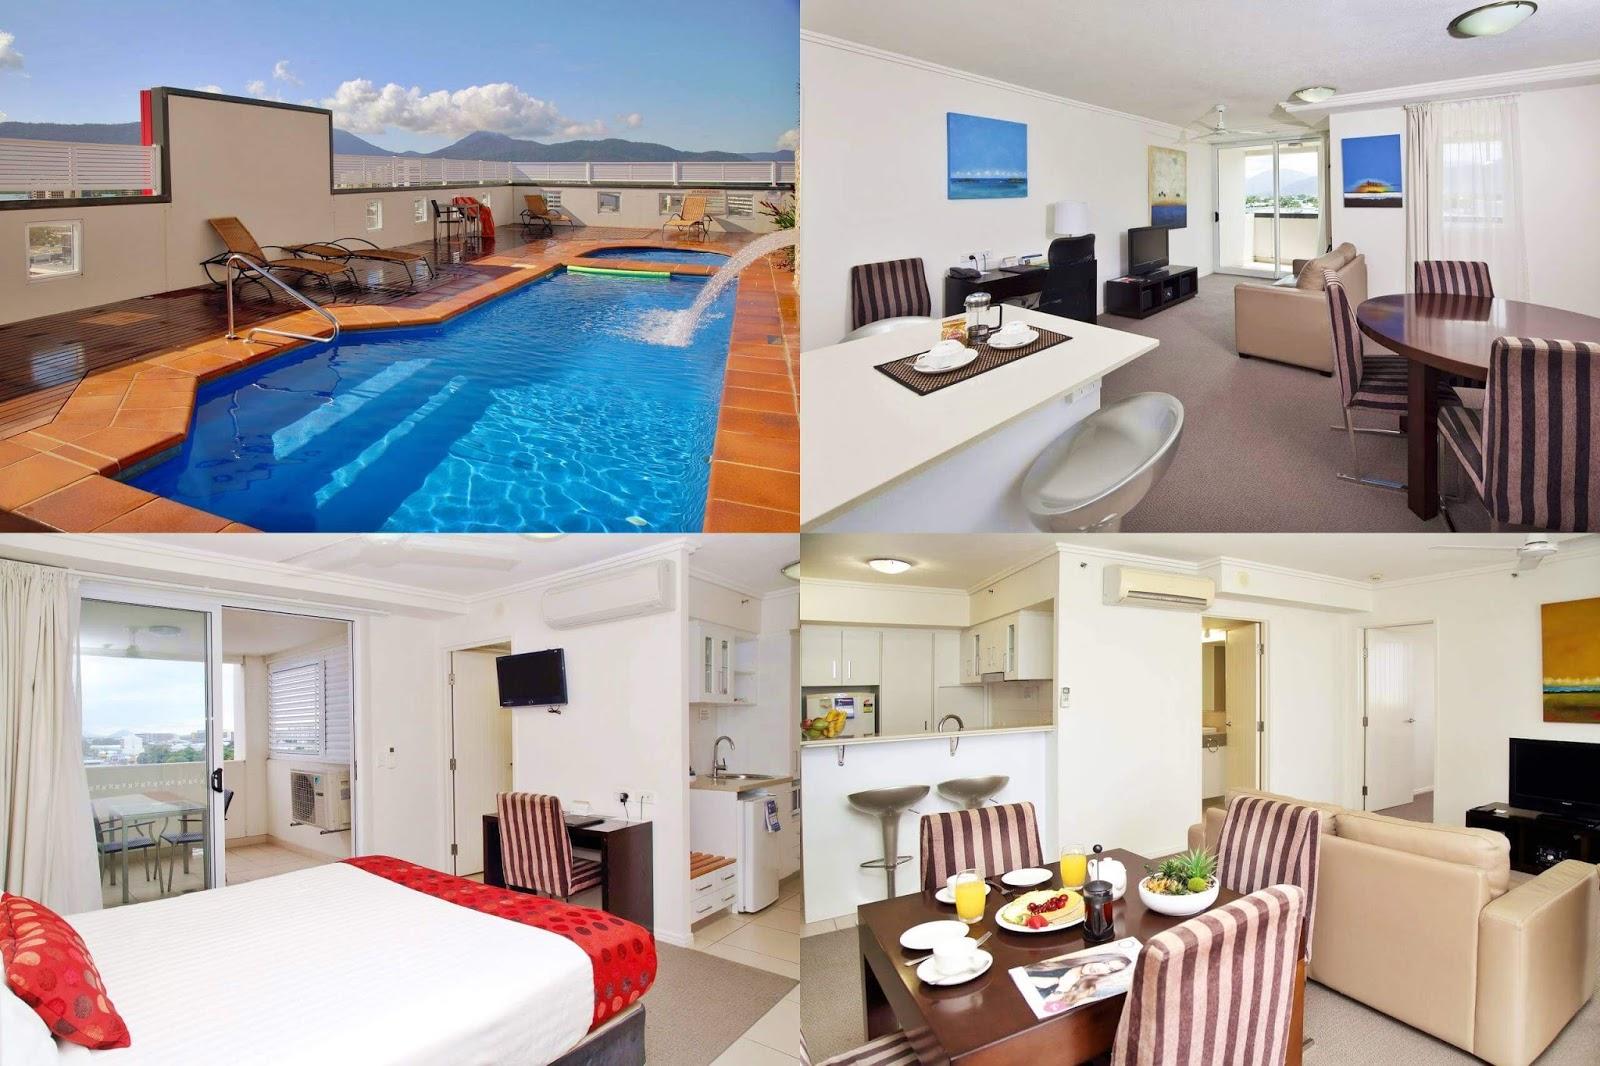 凱恩斯-住宿-推薦-貝斯特韋斯特凱恩斯中央公寓-飯店-旅館-民宿-公寓-酒店-Cairns-Best-Western-Plus-Central-Apartments-Hotel